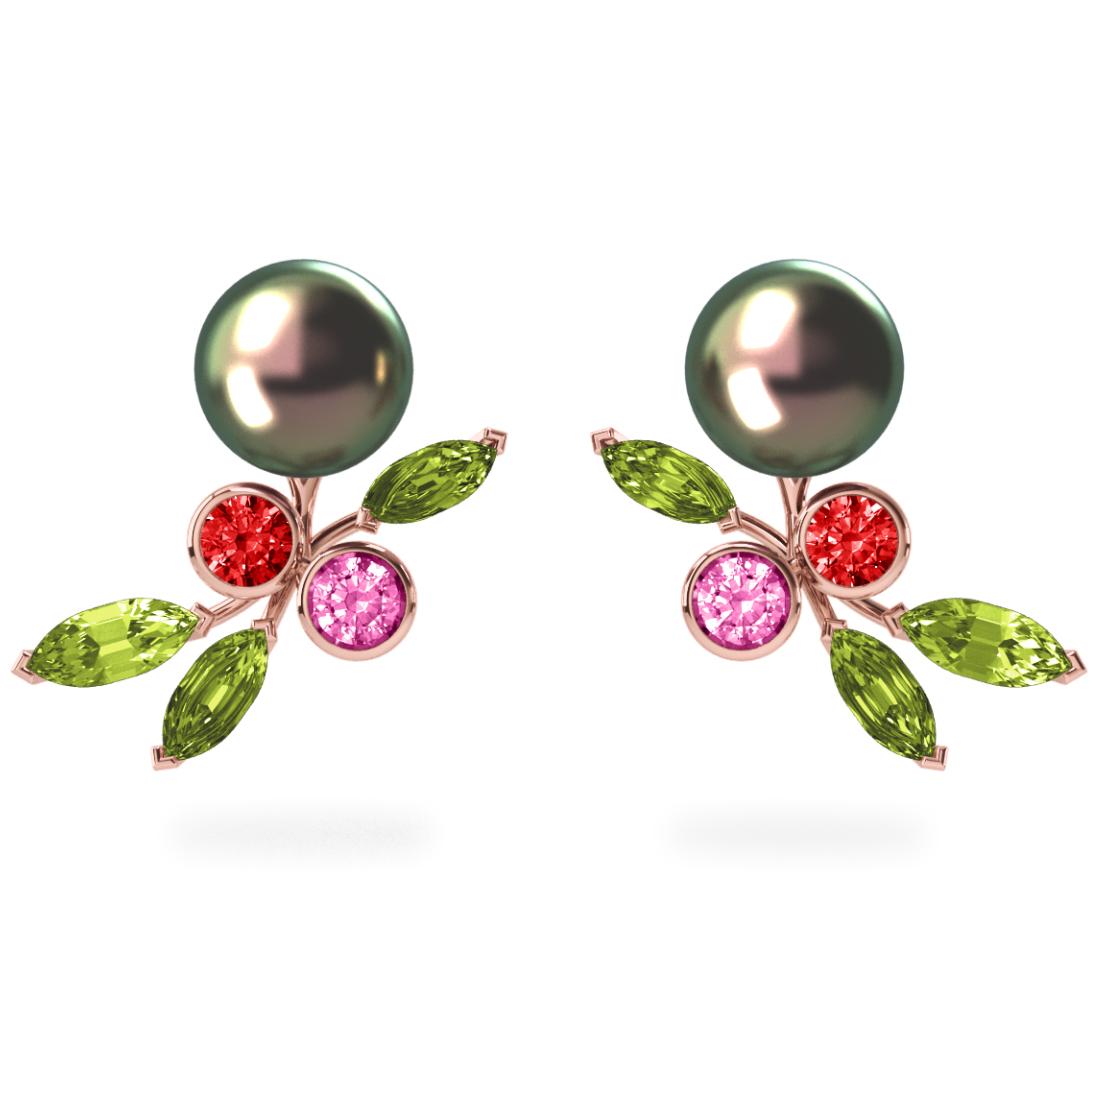 Boucles d'oreilles My Angel Peacock  Pistache - Saphirs, diamants, peridots & perles de Tahiti <br /> Or rose 18 carats